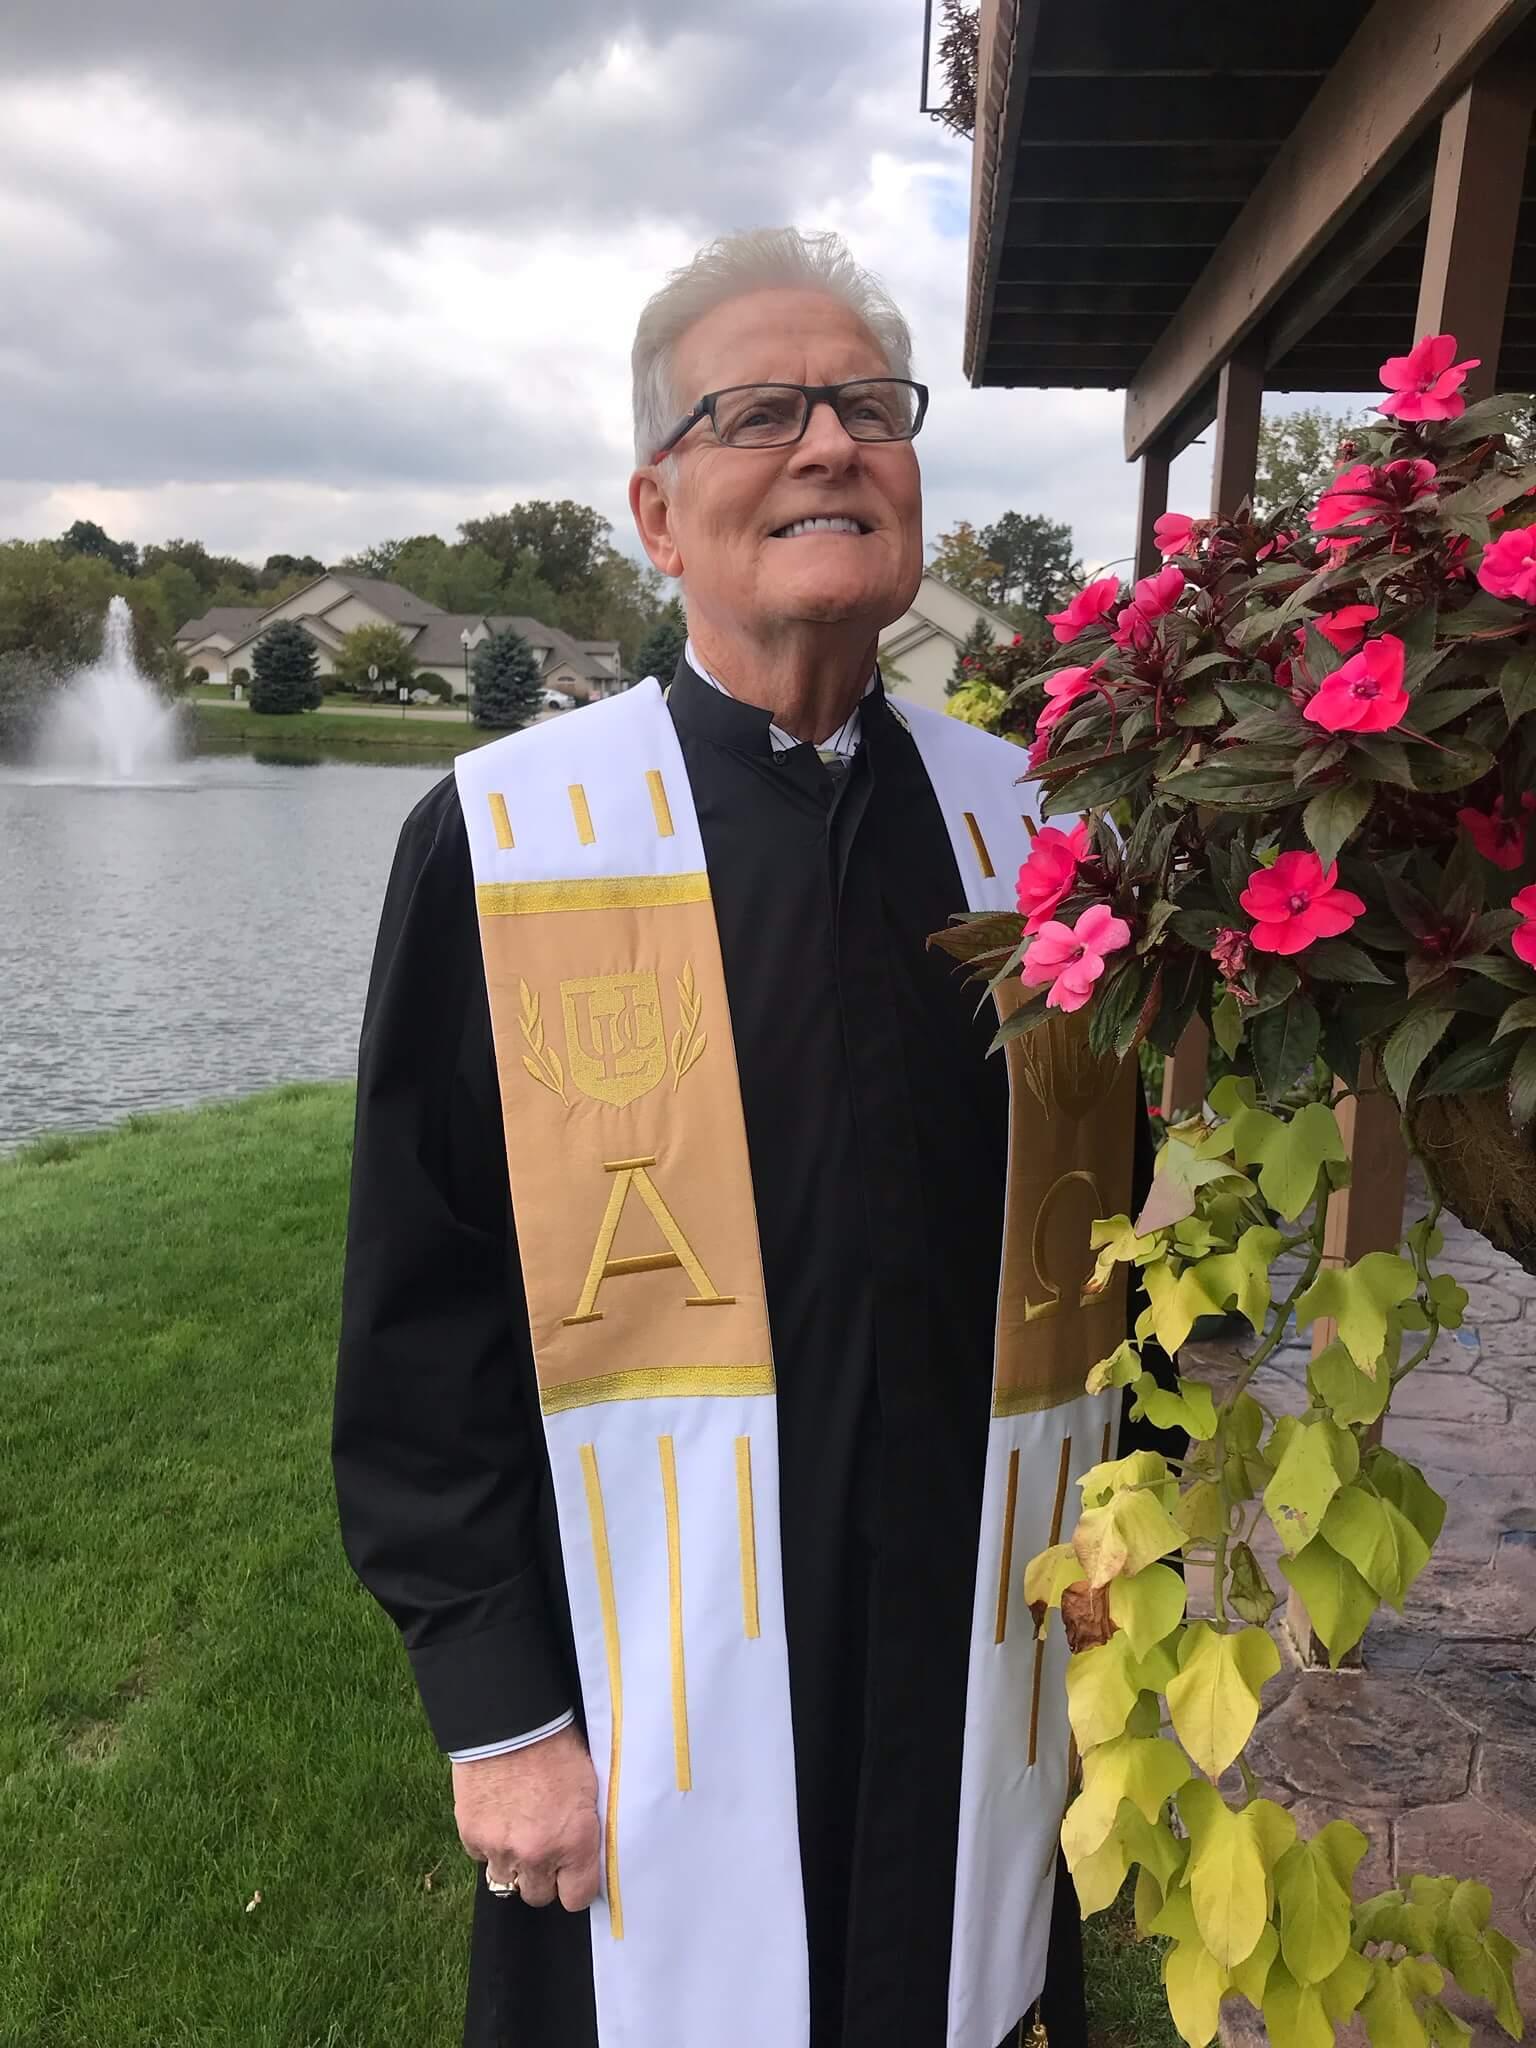 Rev. Dr. Dale Lautzenheiser